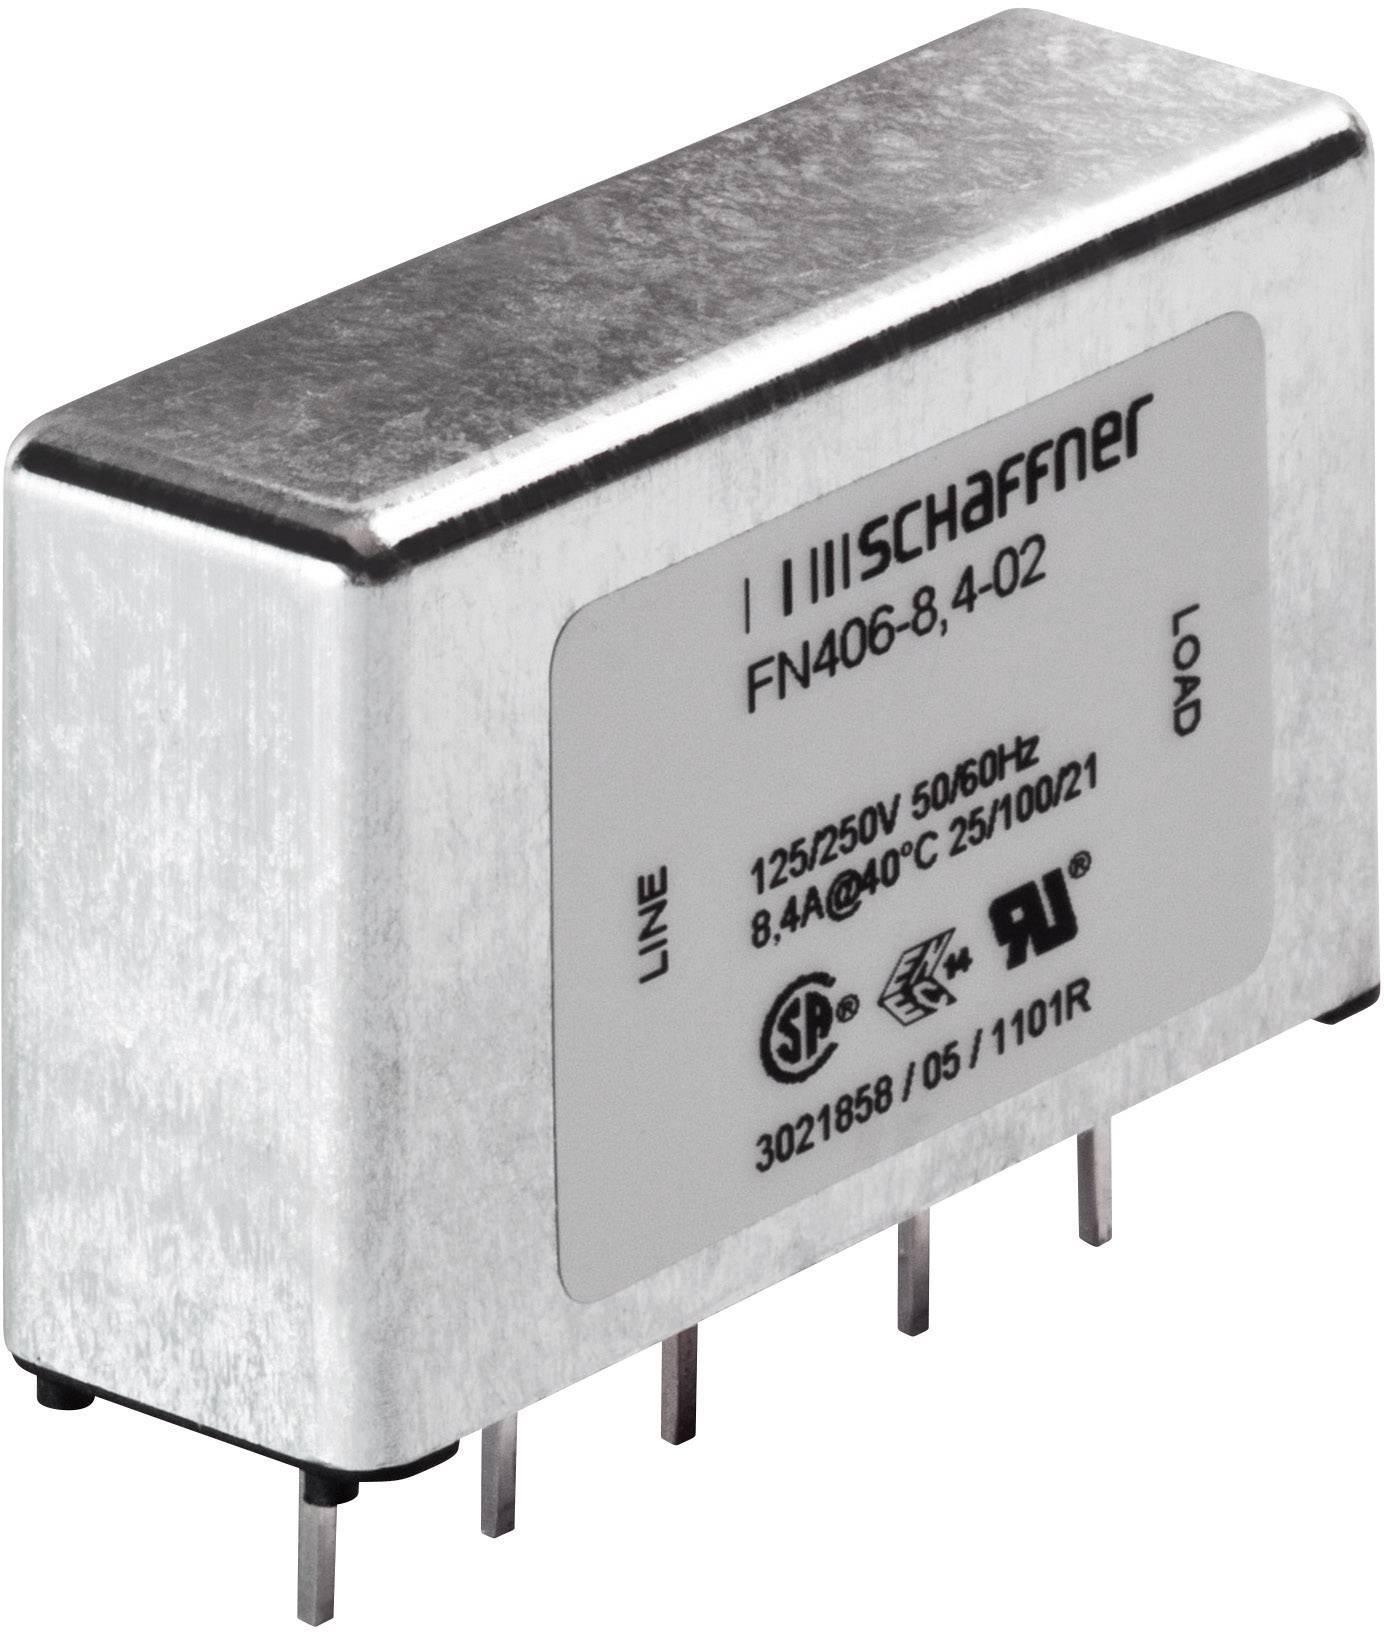 Odrušovací filter Schaffner FN 406-0.5-02 FN 406-0.5-02, 250 V/AC, 0.5 A, 24 mH, (d x š x v) 45 x 15 x 28 mm, 1 ks